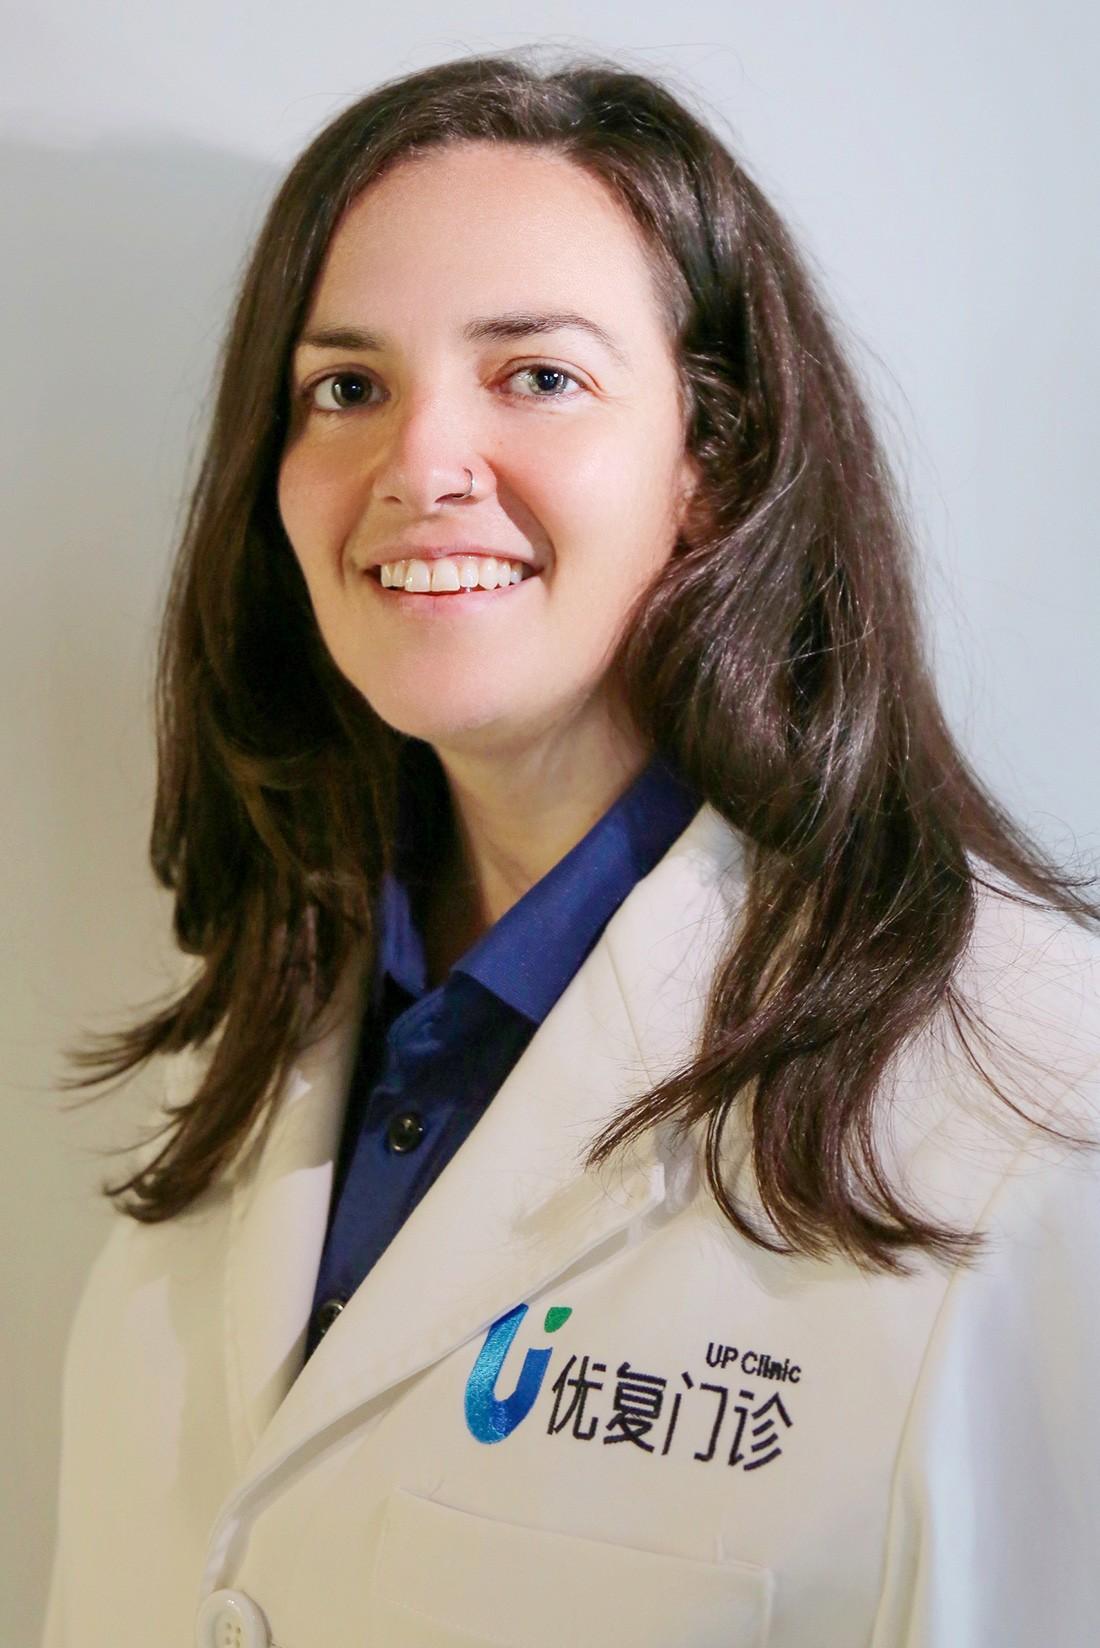 Jenna McArthur UP Clinic Shanghai